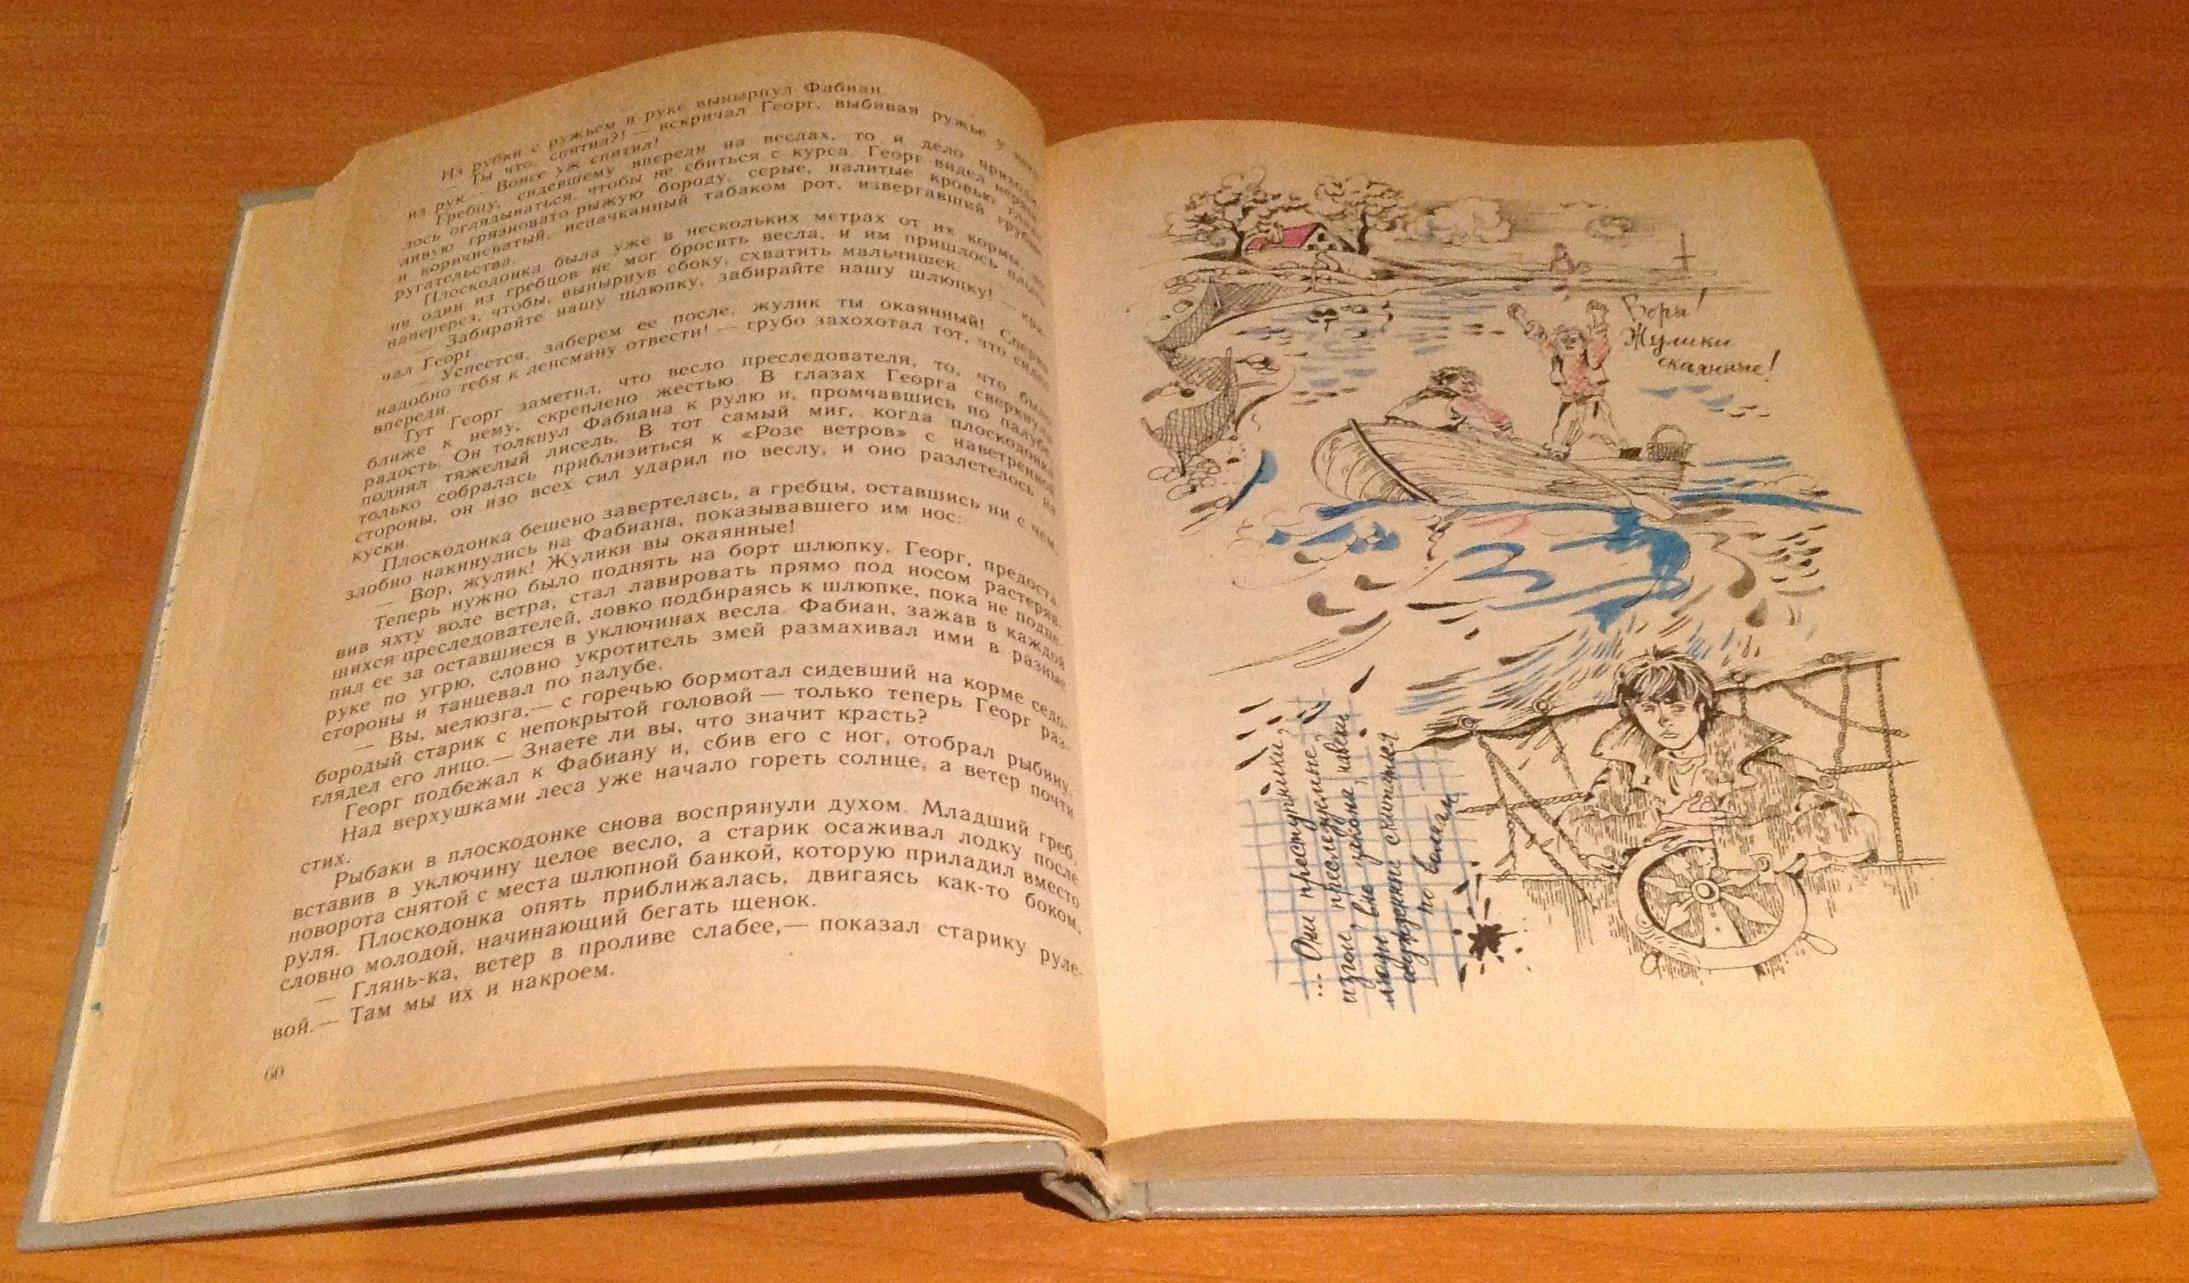 """Сначала думала написать про """"Остров сокровищ"""", но потом передумала и решила остановиться на """"Пиратах с озера Мела ... - Изображение 3"""